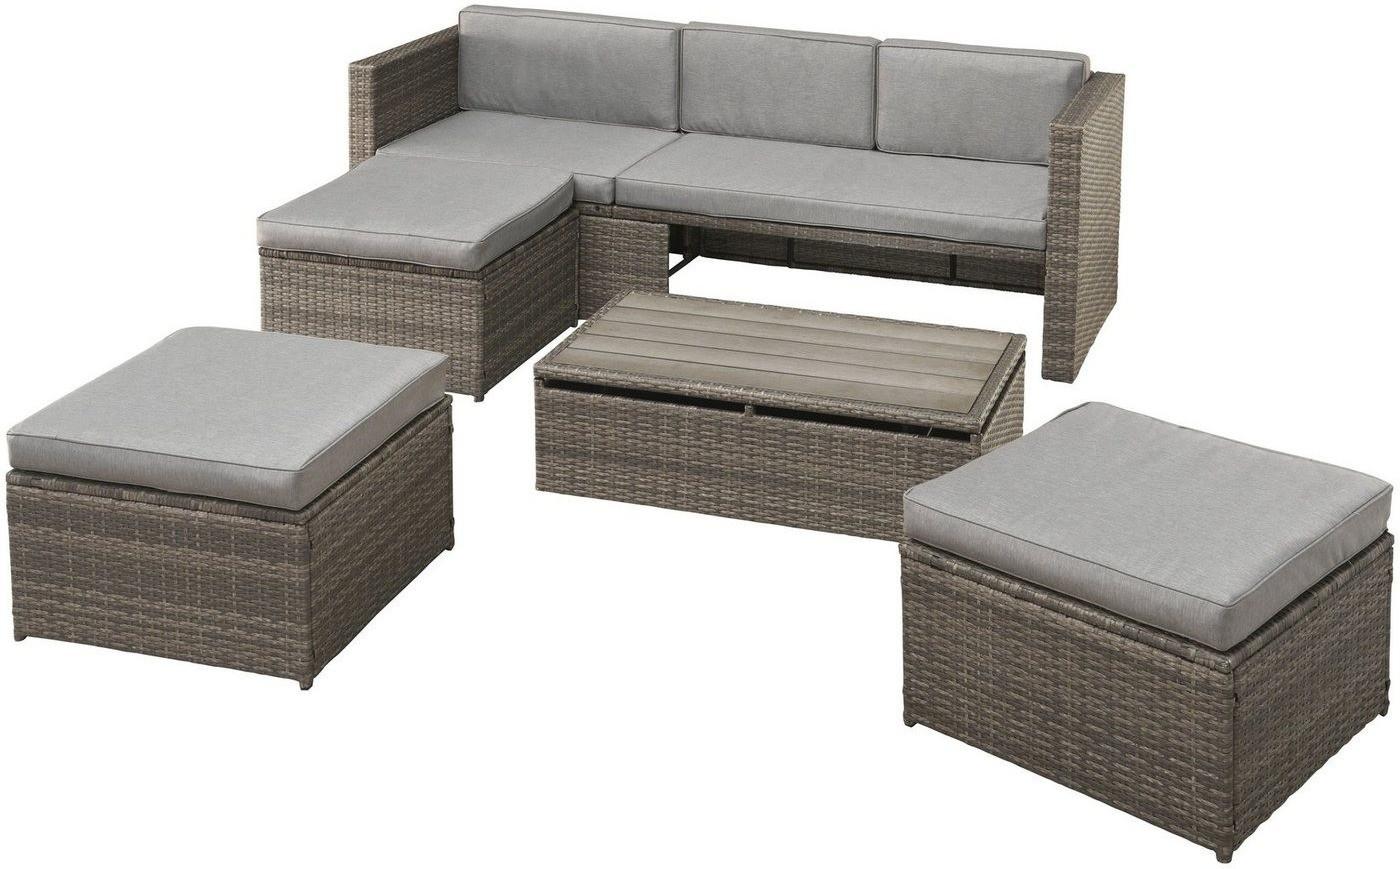 Baumarkt Direkt Lagos Premium 13 Tlg 3er Sofa 3 Hocker Tisch